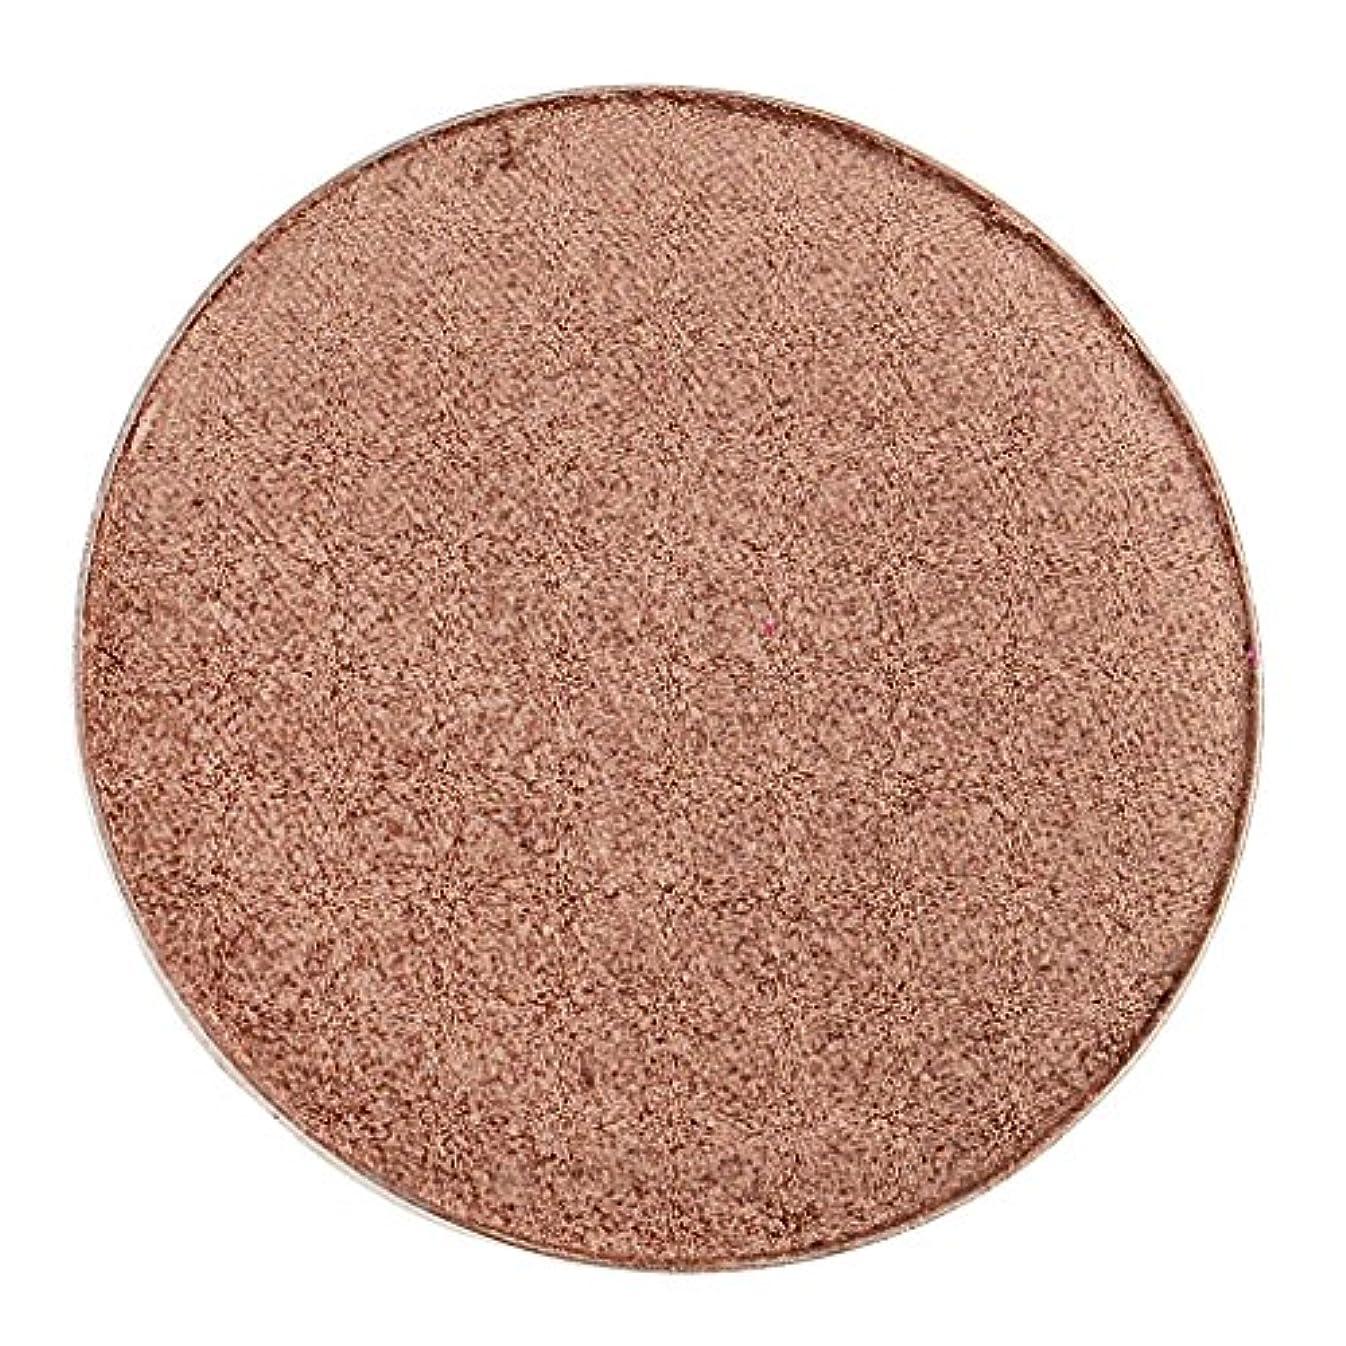 ラジウム大臣ふさわしい化粧品用 アイシャドウ ハイライター パレット マット シマー アイシャドーメイク 目 魅力的 全5色 - #39ブラウン